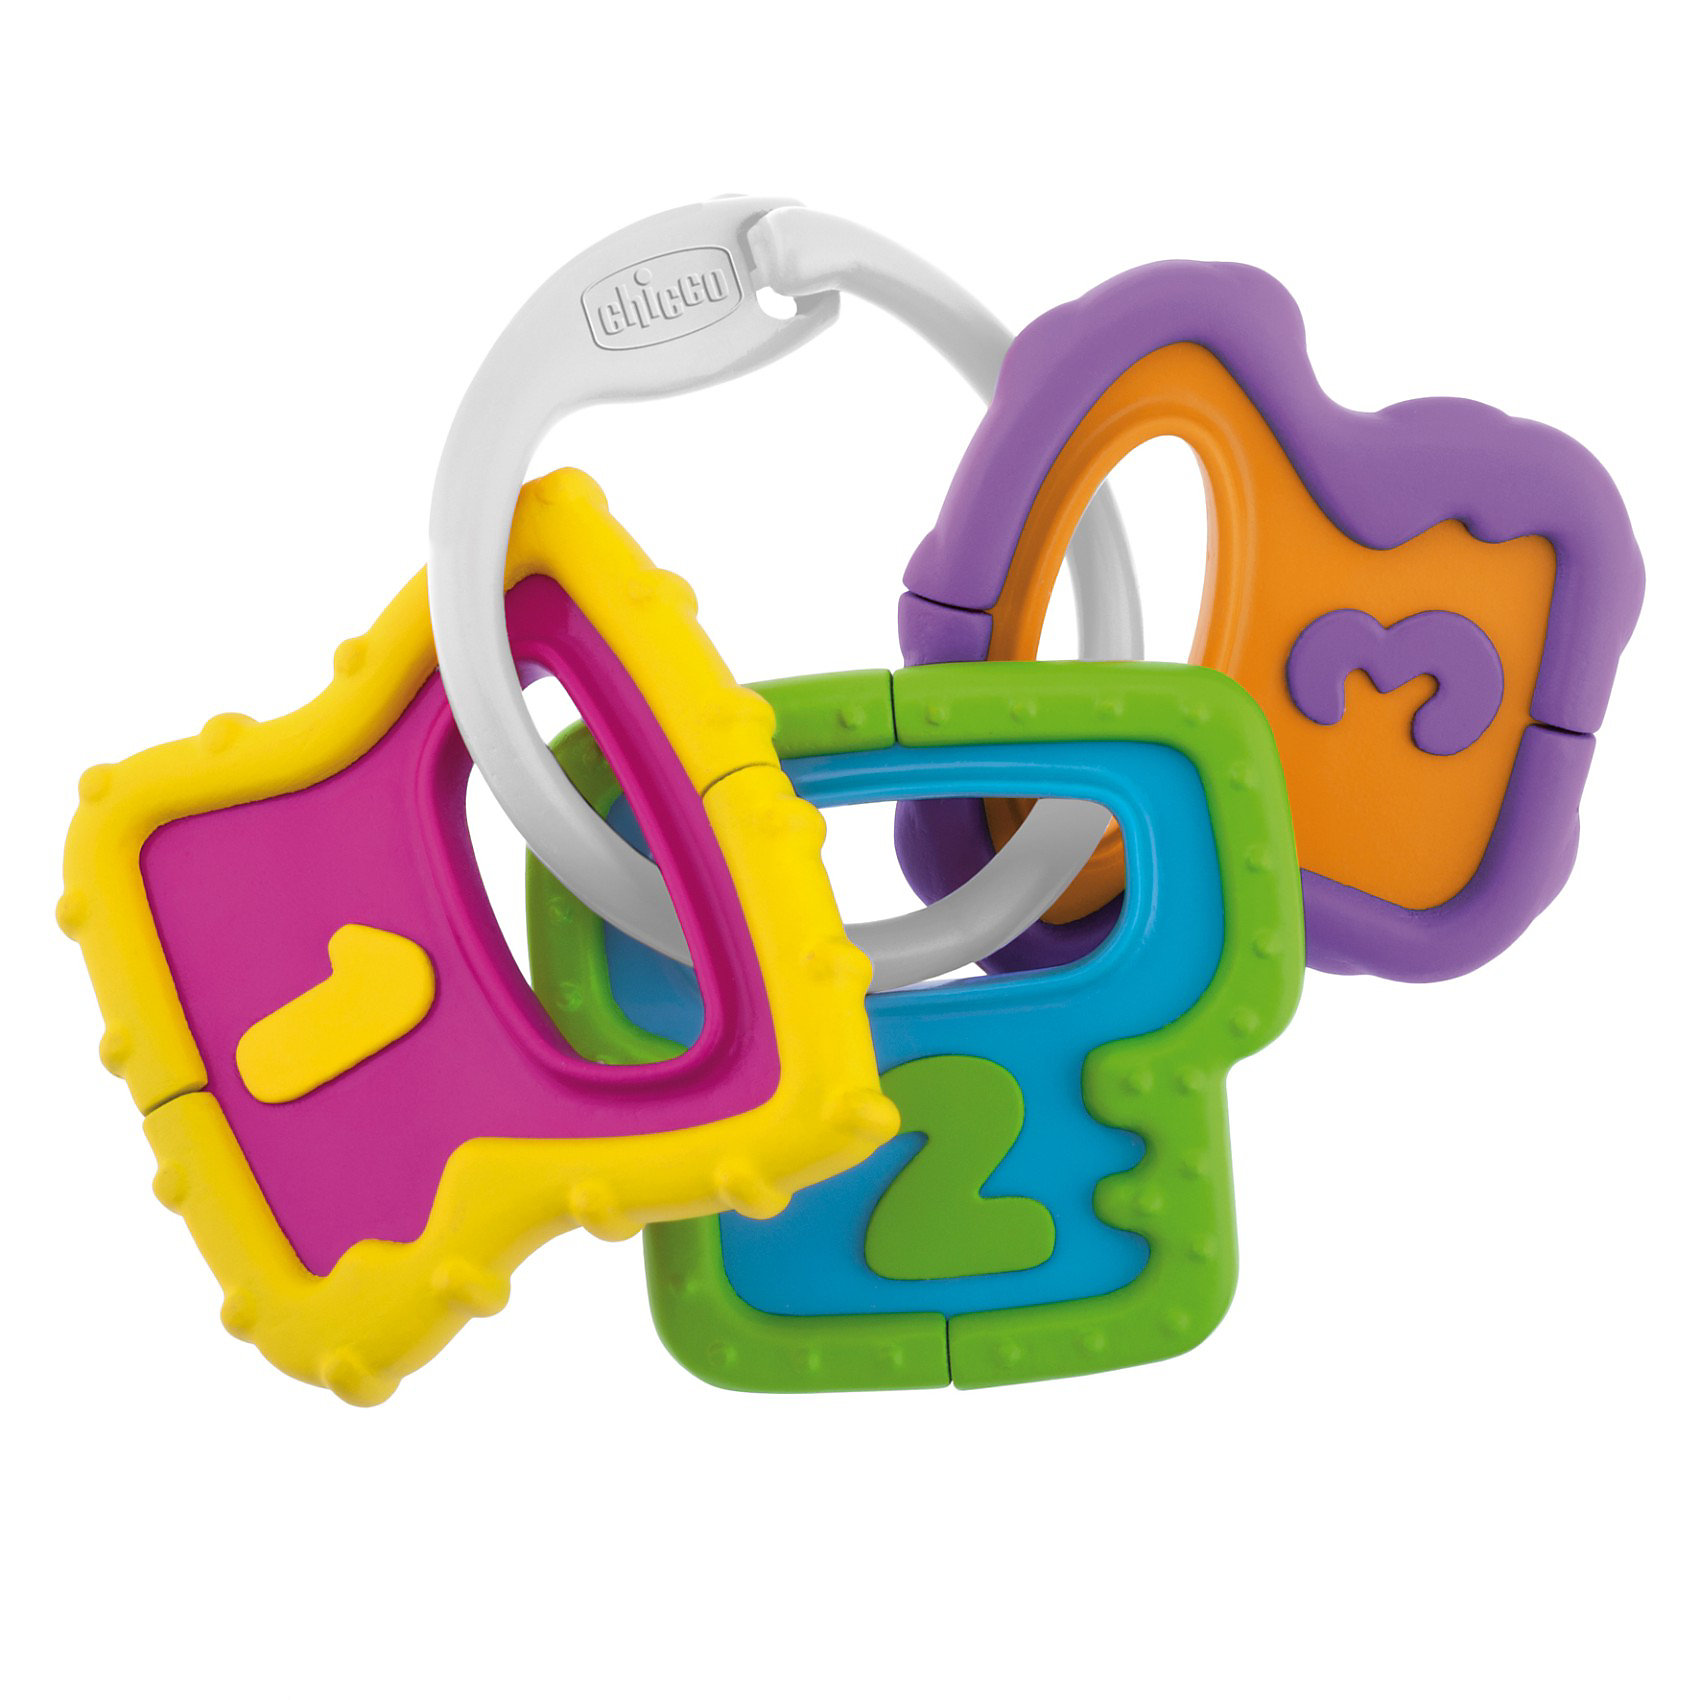 Погремушка Ключики, ChiccoПогремушки<br>Погремушка Ключики, Chicco (Чико) – эта забавная погремушка-прорезыватель привлечет внимание вашего малыша и не позволит ему скучать!<br>Набор удобных для рук ключей состоит из 3 подвесок в форме ключей, с тщательно проработанным рельефом и в контрастных цветах. На каждом ключике имеется выпуклая цифра: 1, 2, 3. Когда ребенок будет трясти их, он услышит приятный стук. А когда зубки начнут резаться, ключики можно погрызть для облегчения зуда. Малыш сможет перебирать ключики, что способствует развитию мелкой моторики.<br><br>Дополнительная информация:<br><br>- Материал: высококачественный пластик<br>- Размер упаковки: 21 x 16,5 x 3,5 см.<br><br>Погремушку Ключики, Chicco (Чико) можно купить в нашем интернет-магазине.<br><br>Ширина мм: 208<br>Глубина мм: 164<br>Высота мм: 33<br>Вес г: 79<br>Возраст от месяцев: 3<br>Возраст до месяцев: 12<br>Пол: Унисекс<br>Возраст: Детский<br>SKU: 3587122